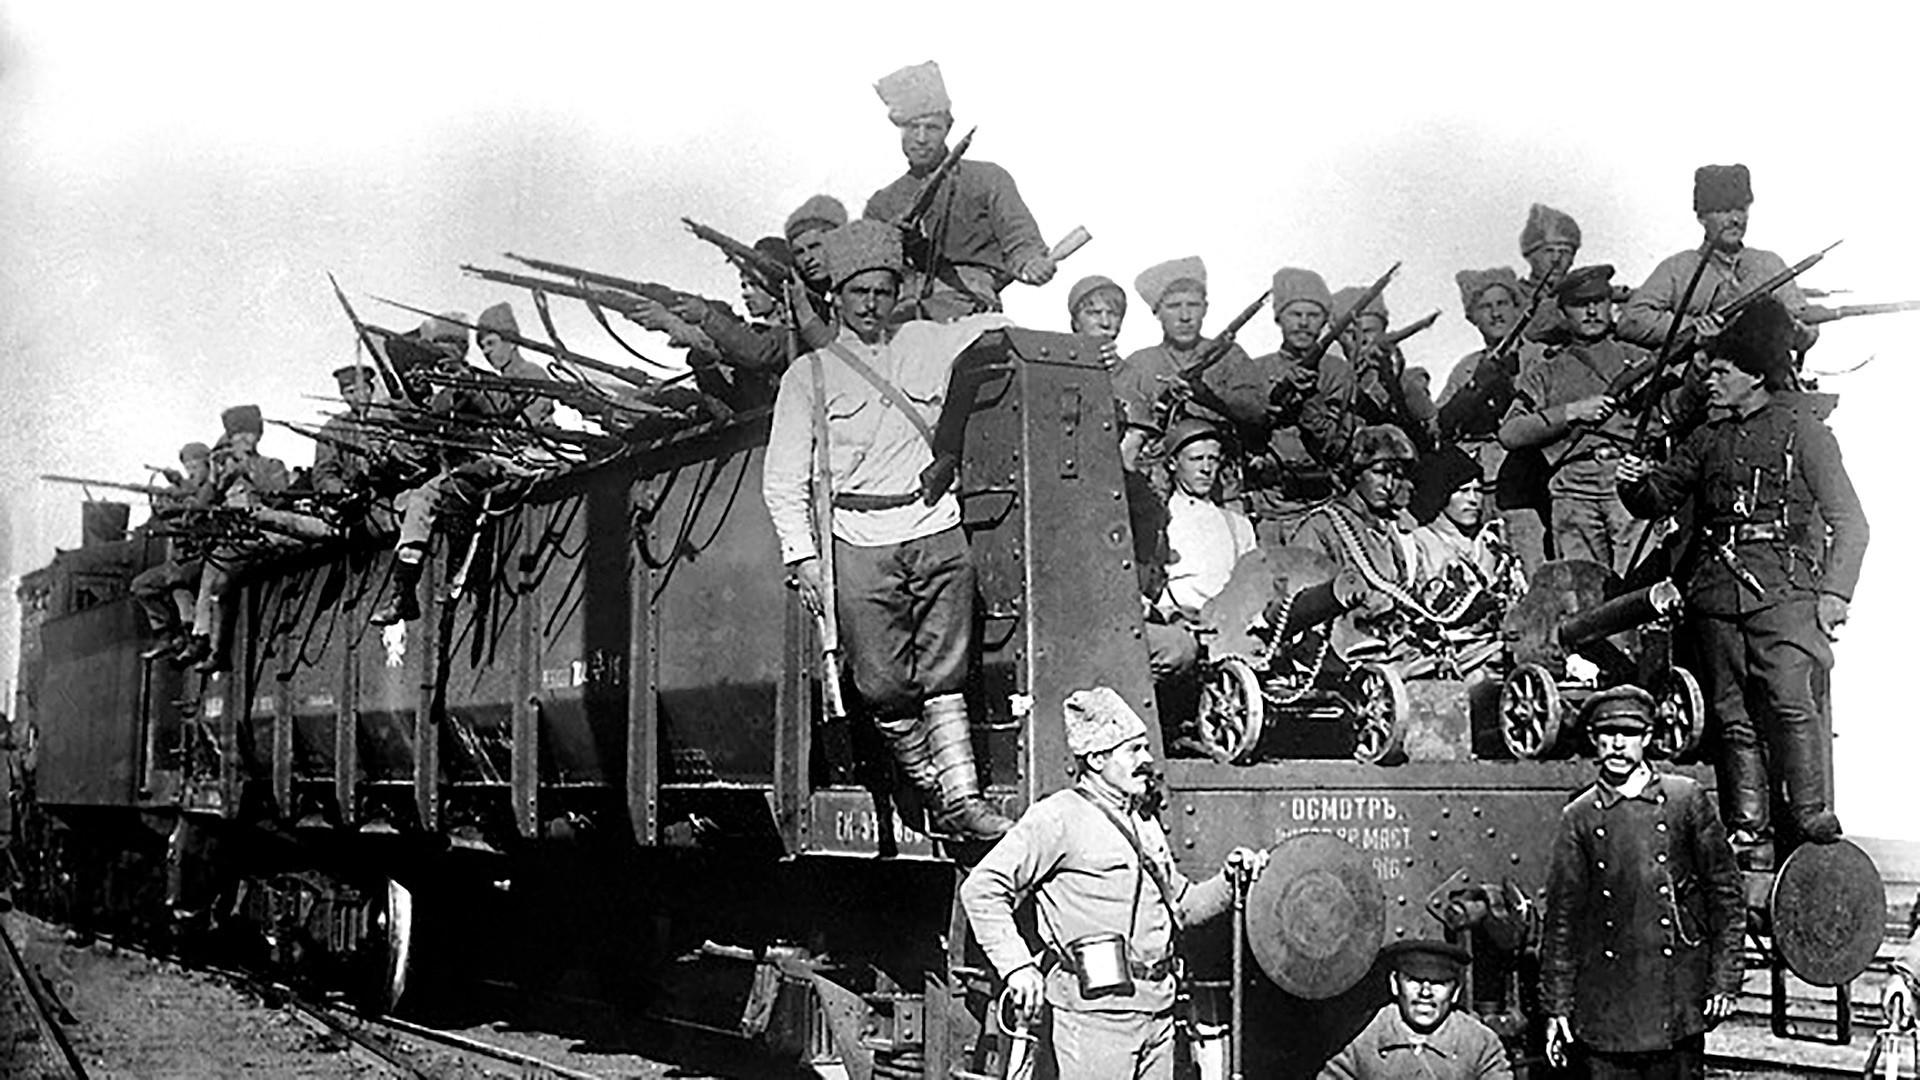 Soldats de l'Armée rouge